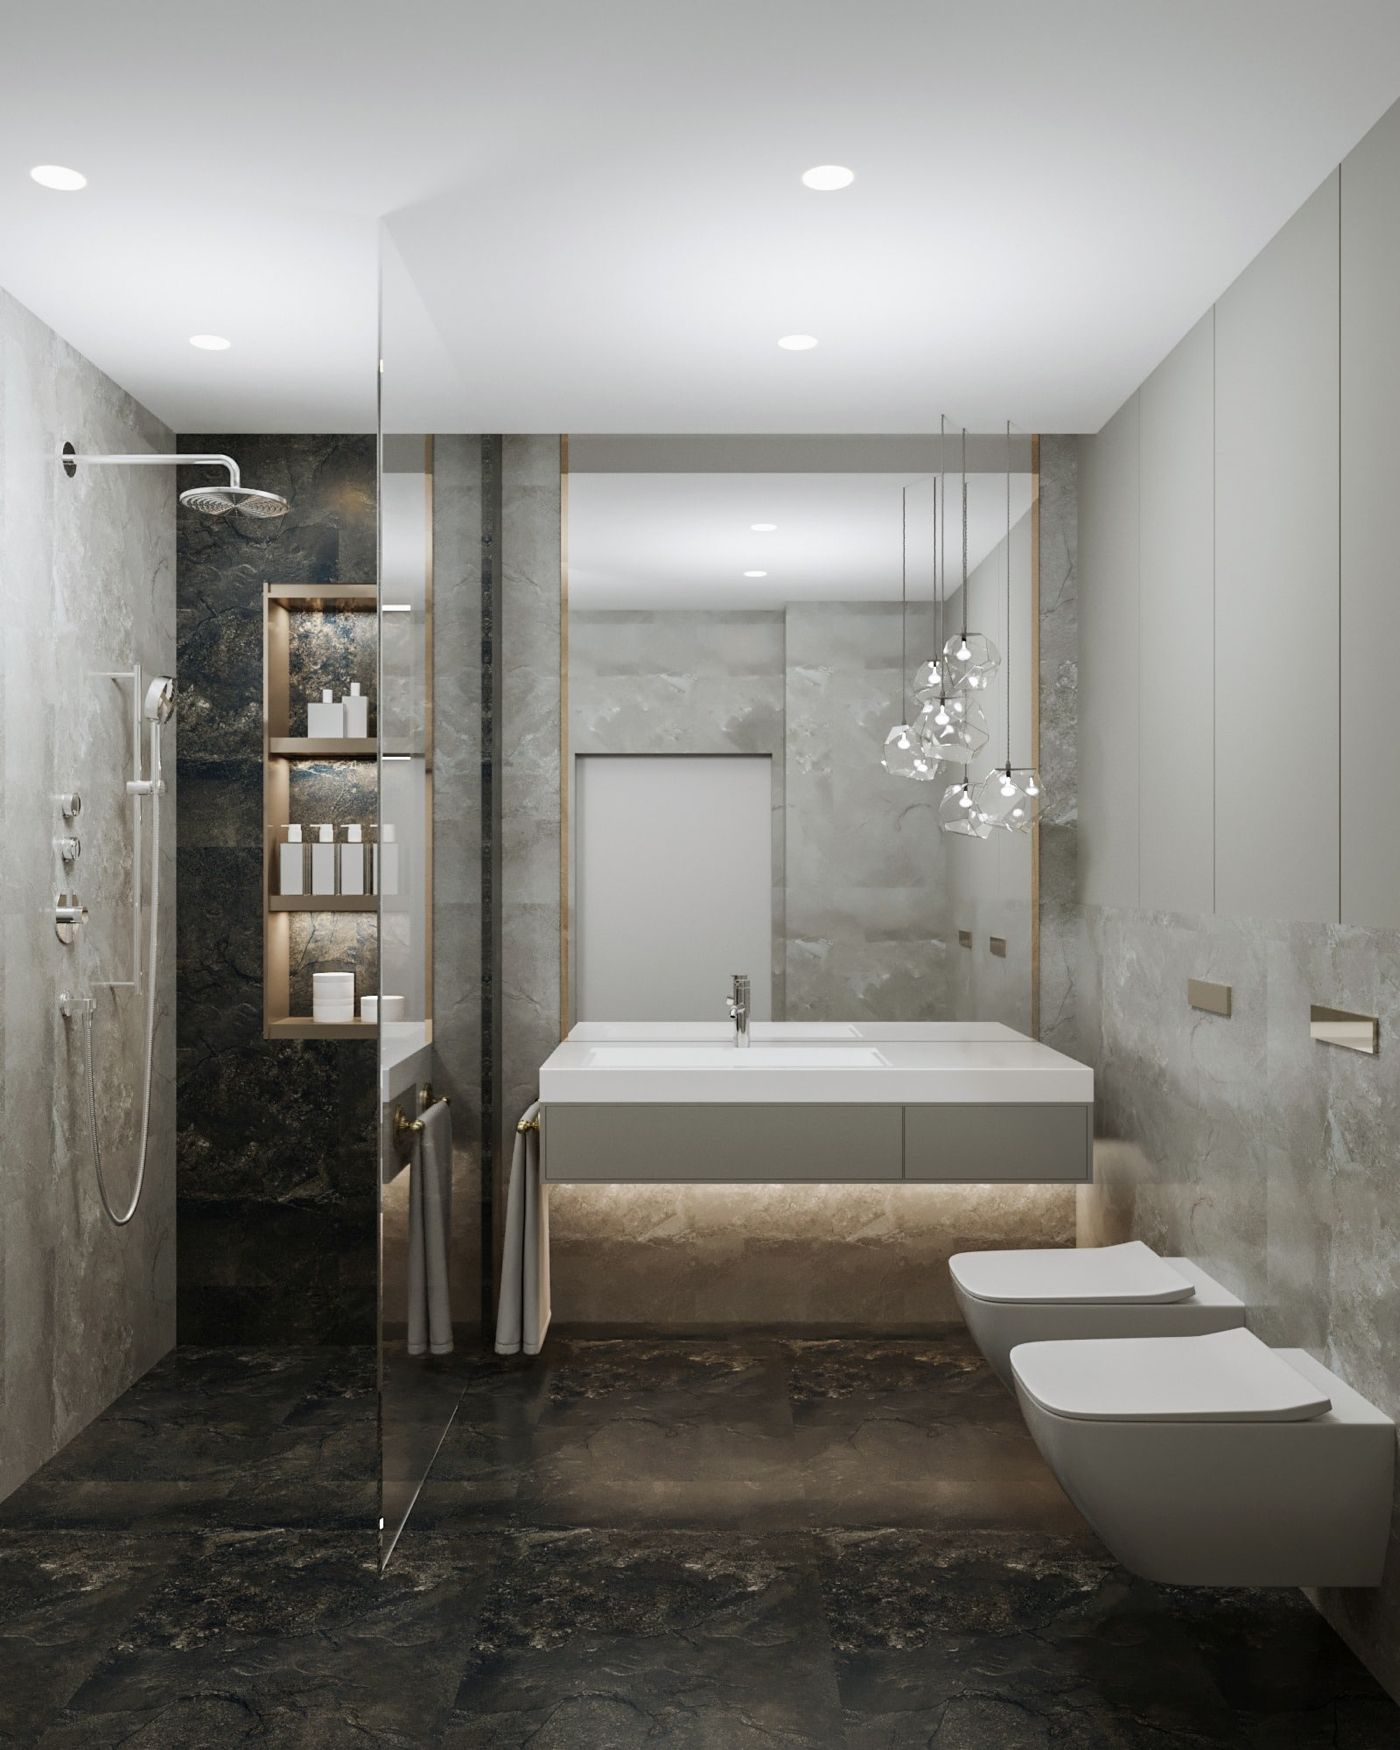 Moderne Kleine Badezimmer Und Bilder Vom Granitboden Und Marmorwande Und Indirekte Beleuchtung Moderne Badezimmerideen Moderne Bader Badgestaltung